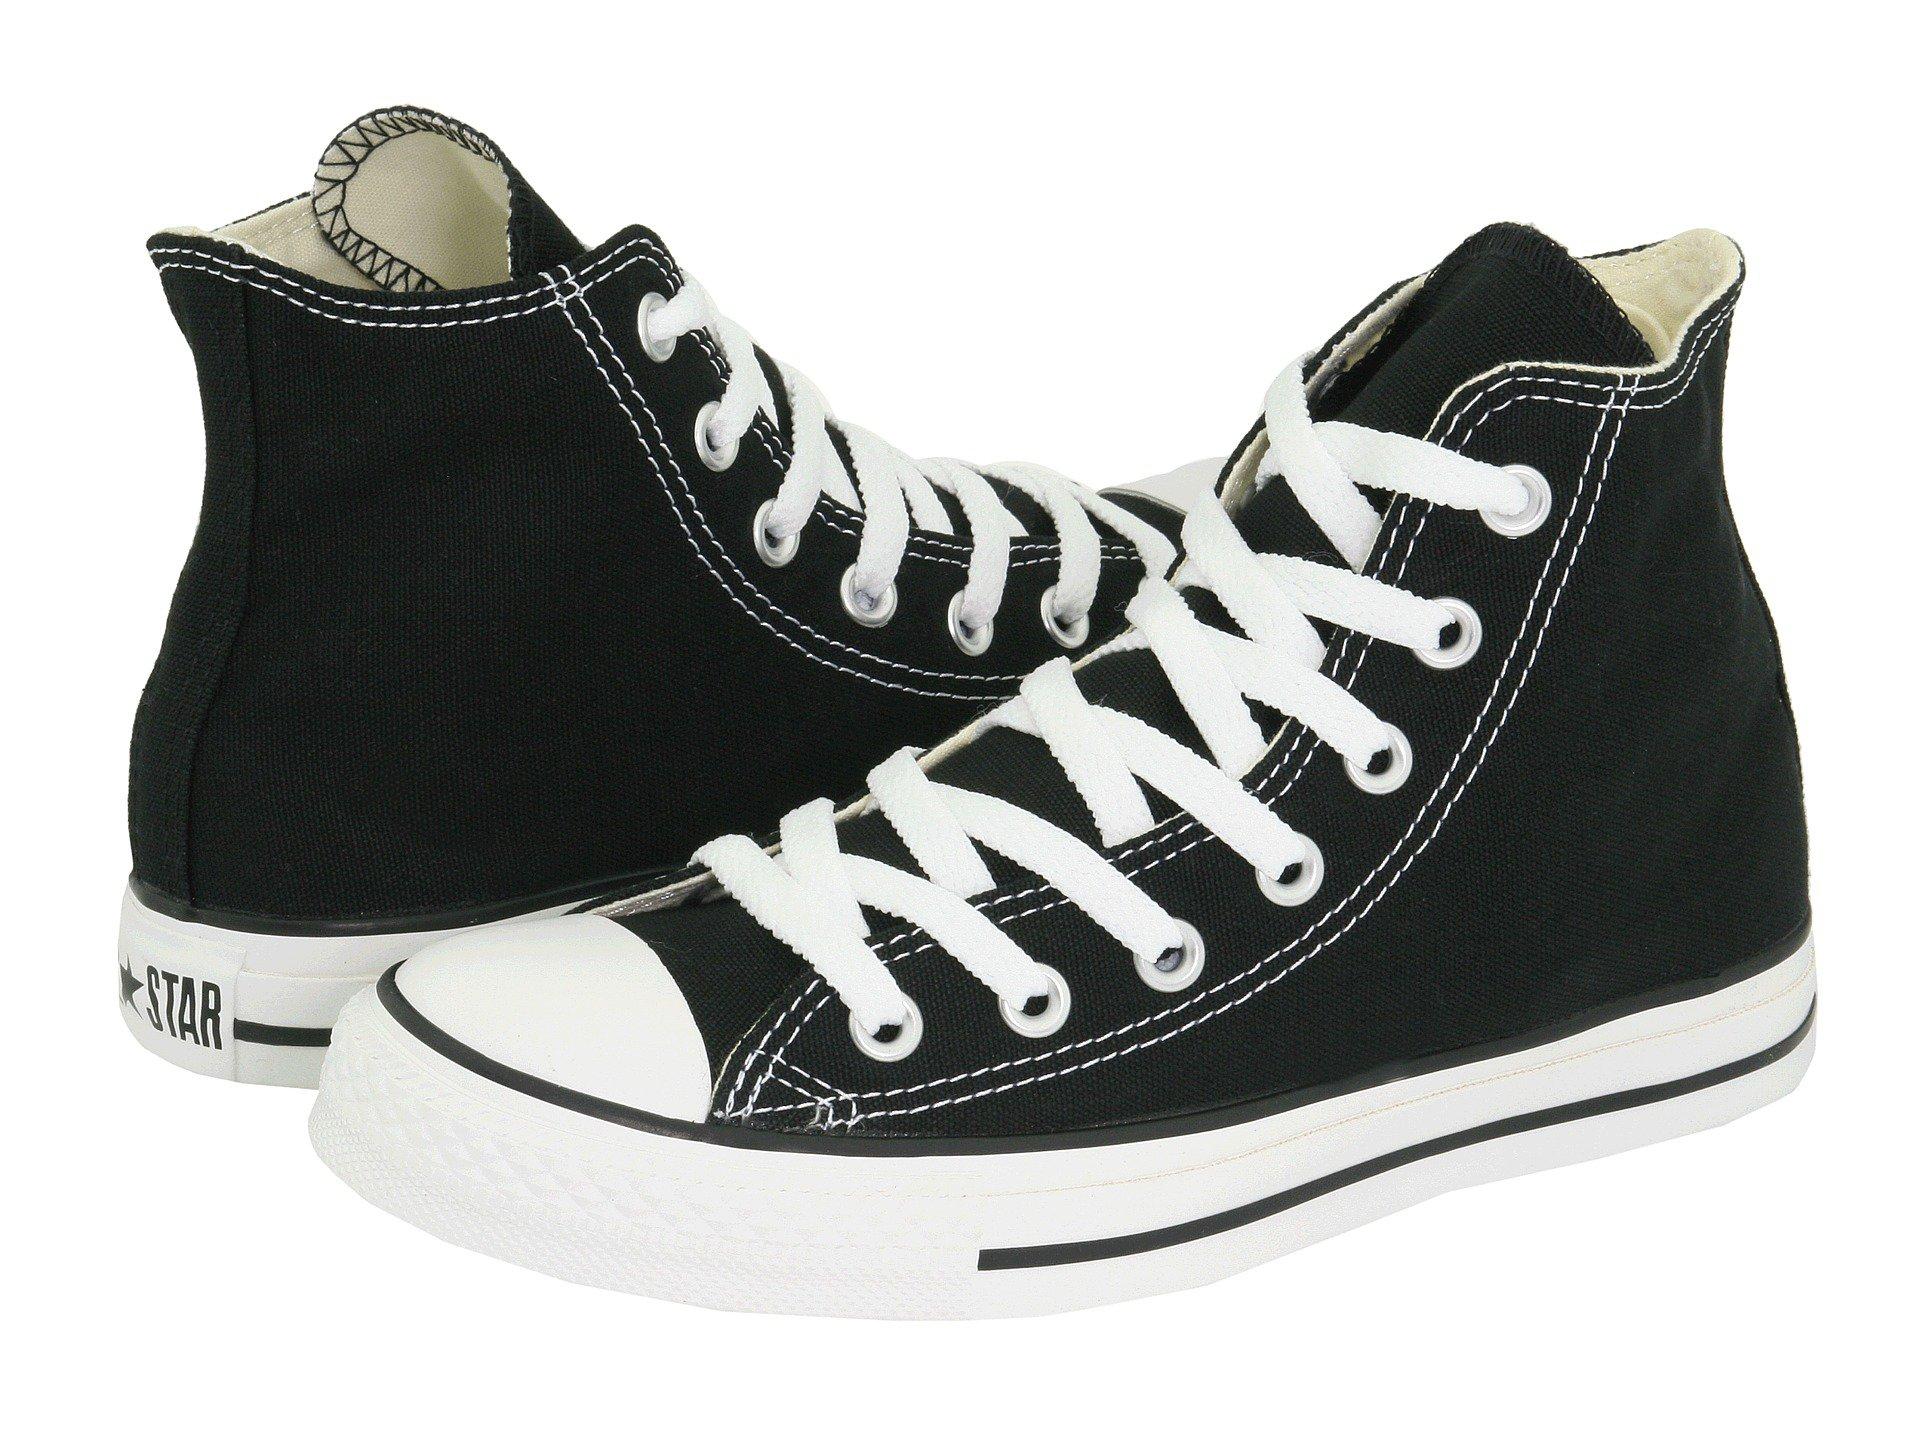 Кеды Converse Chuck Taylor All Star High (black white) - 08Z